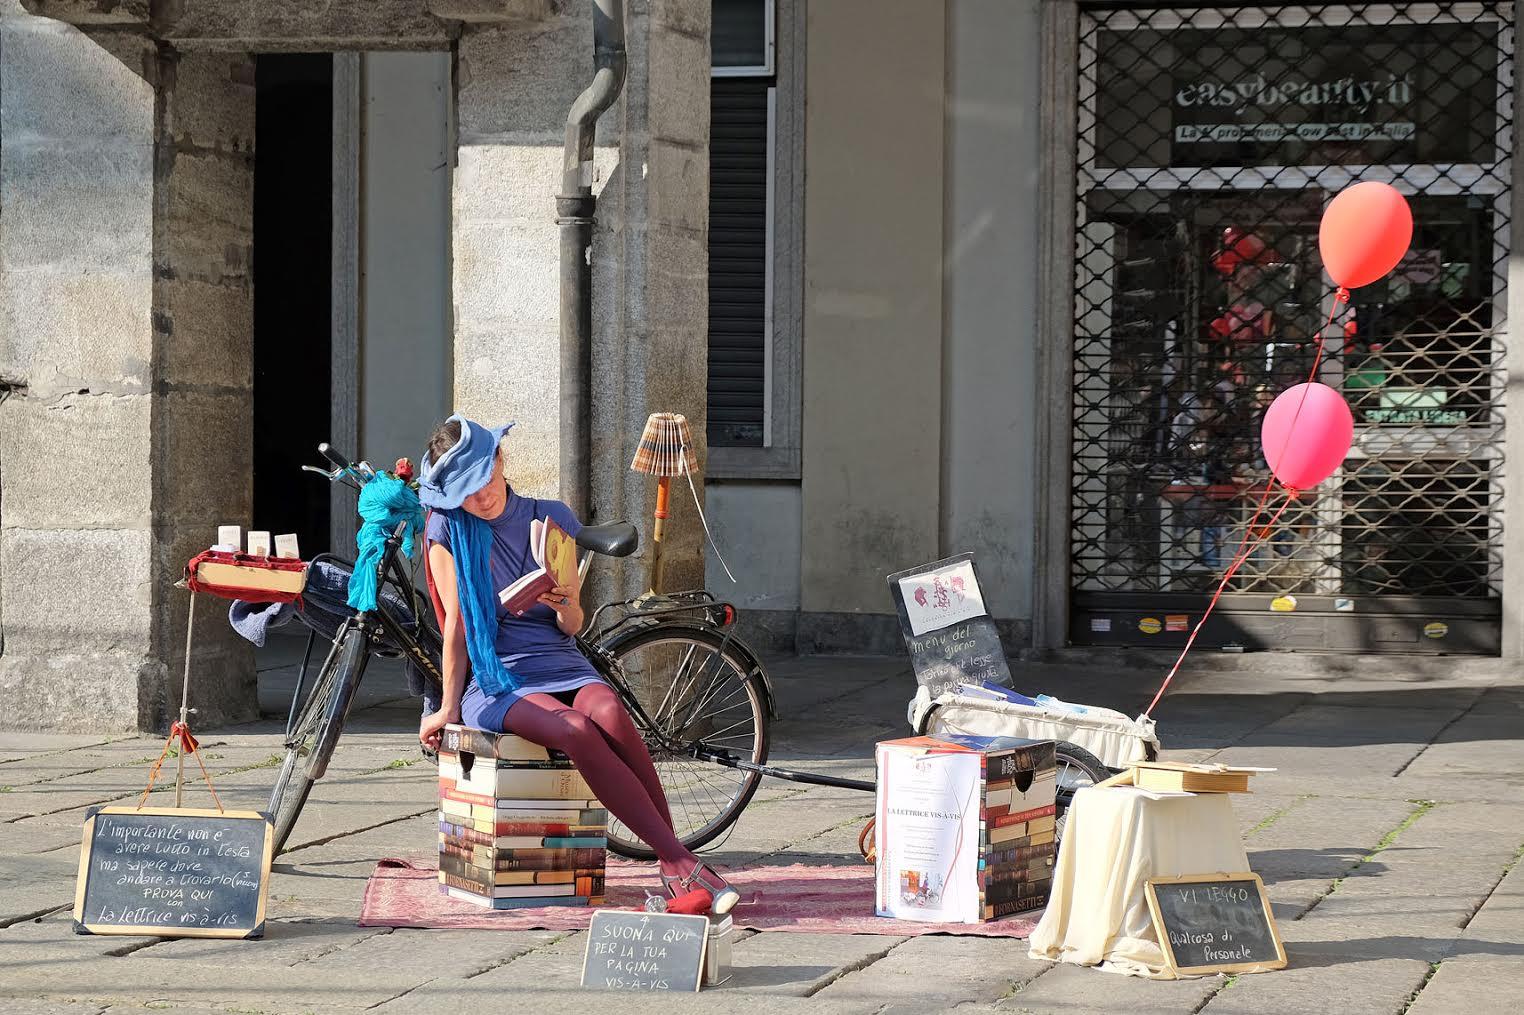 PiazzaPalazzodiCitta(c)AlessandroLercara